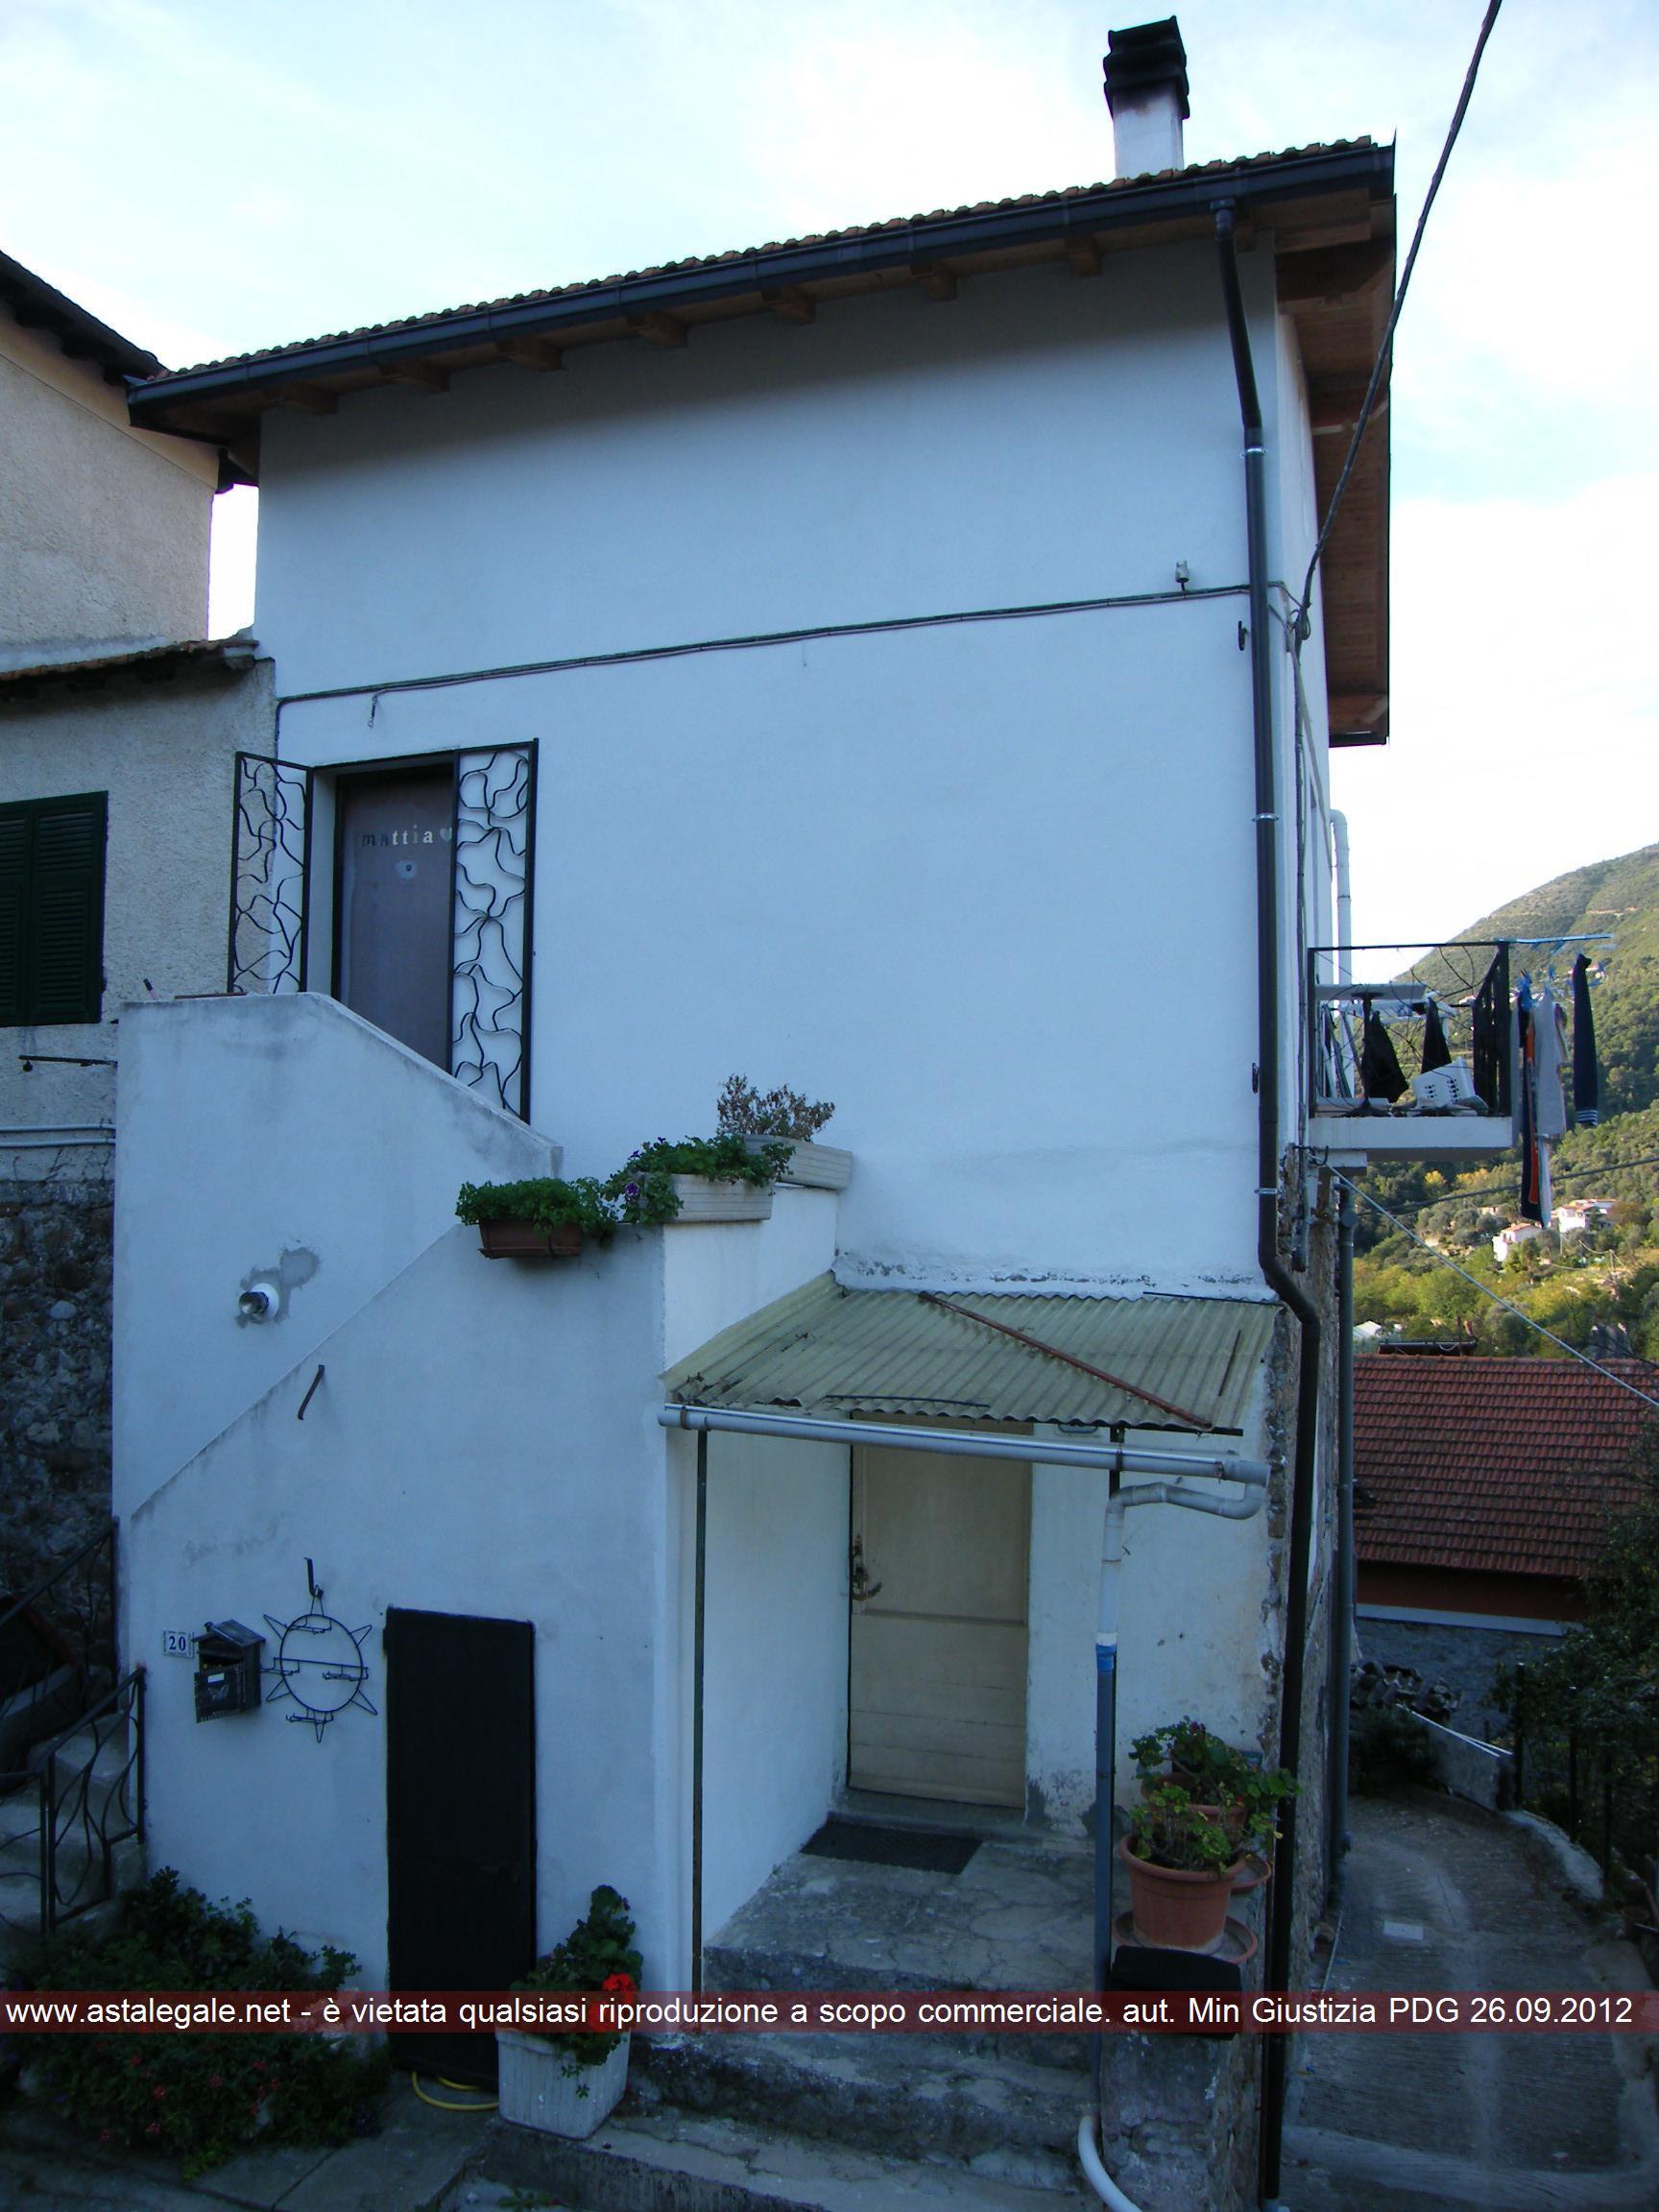 Ventimiglia (IM) Localita' Varase 20